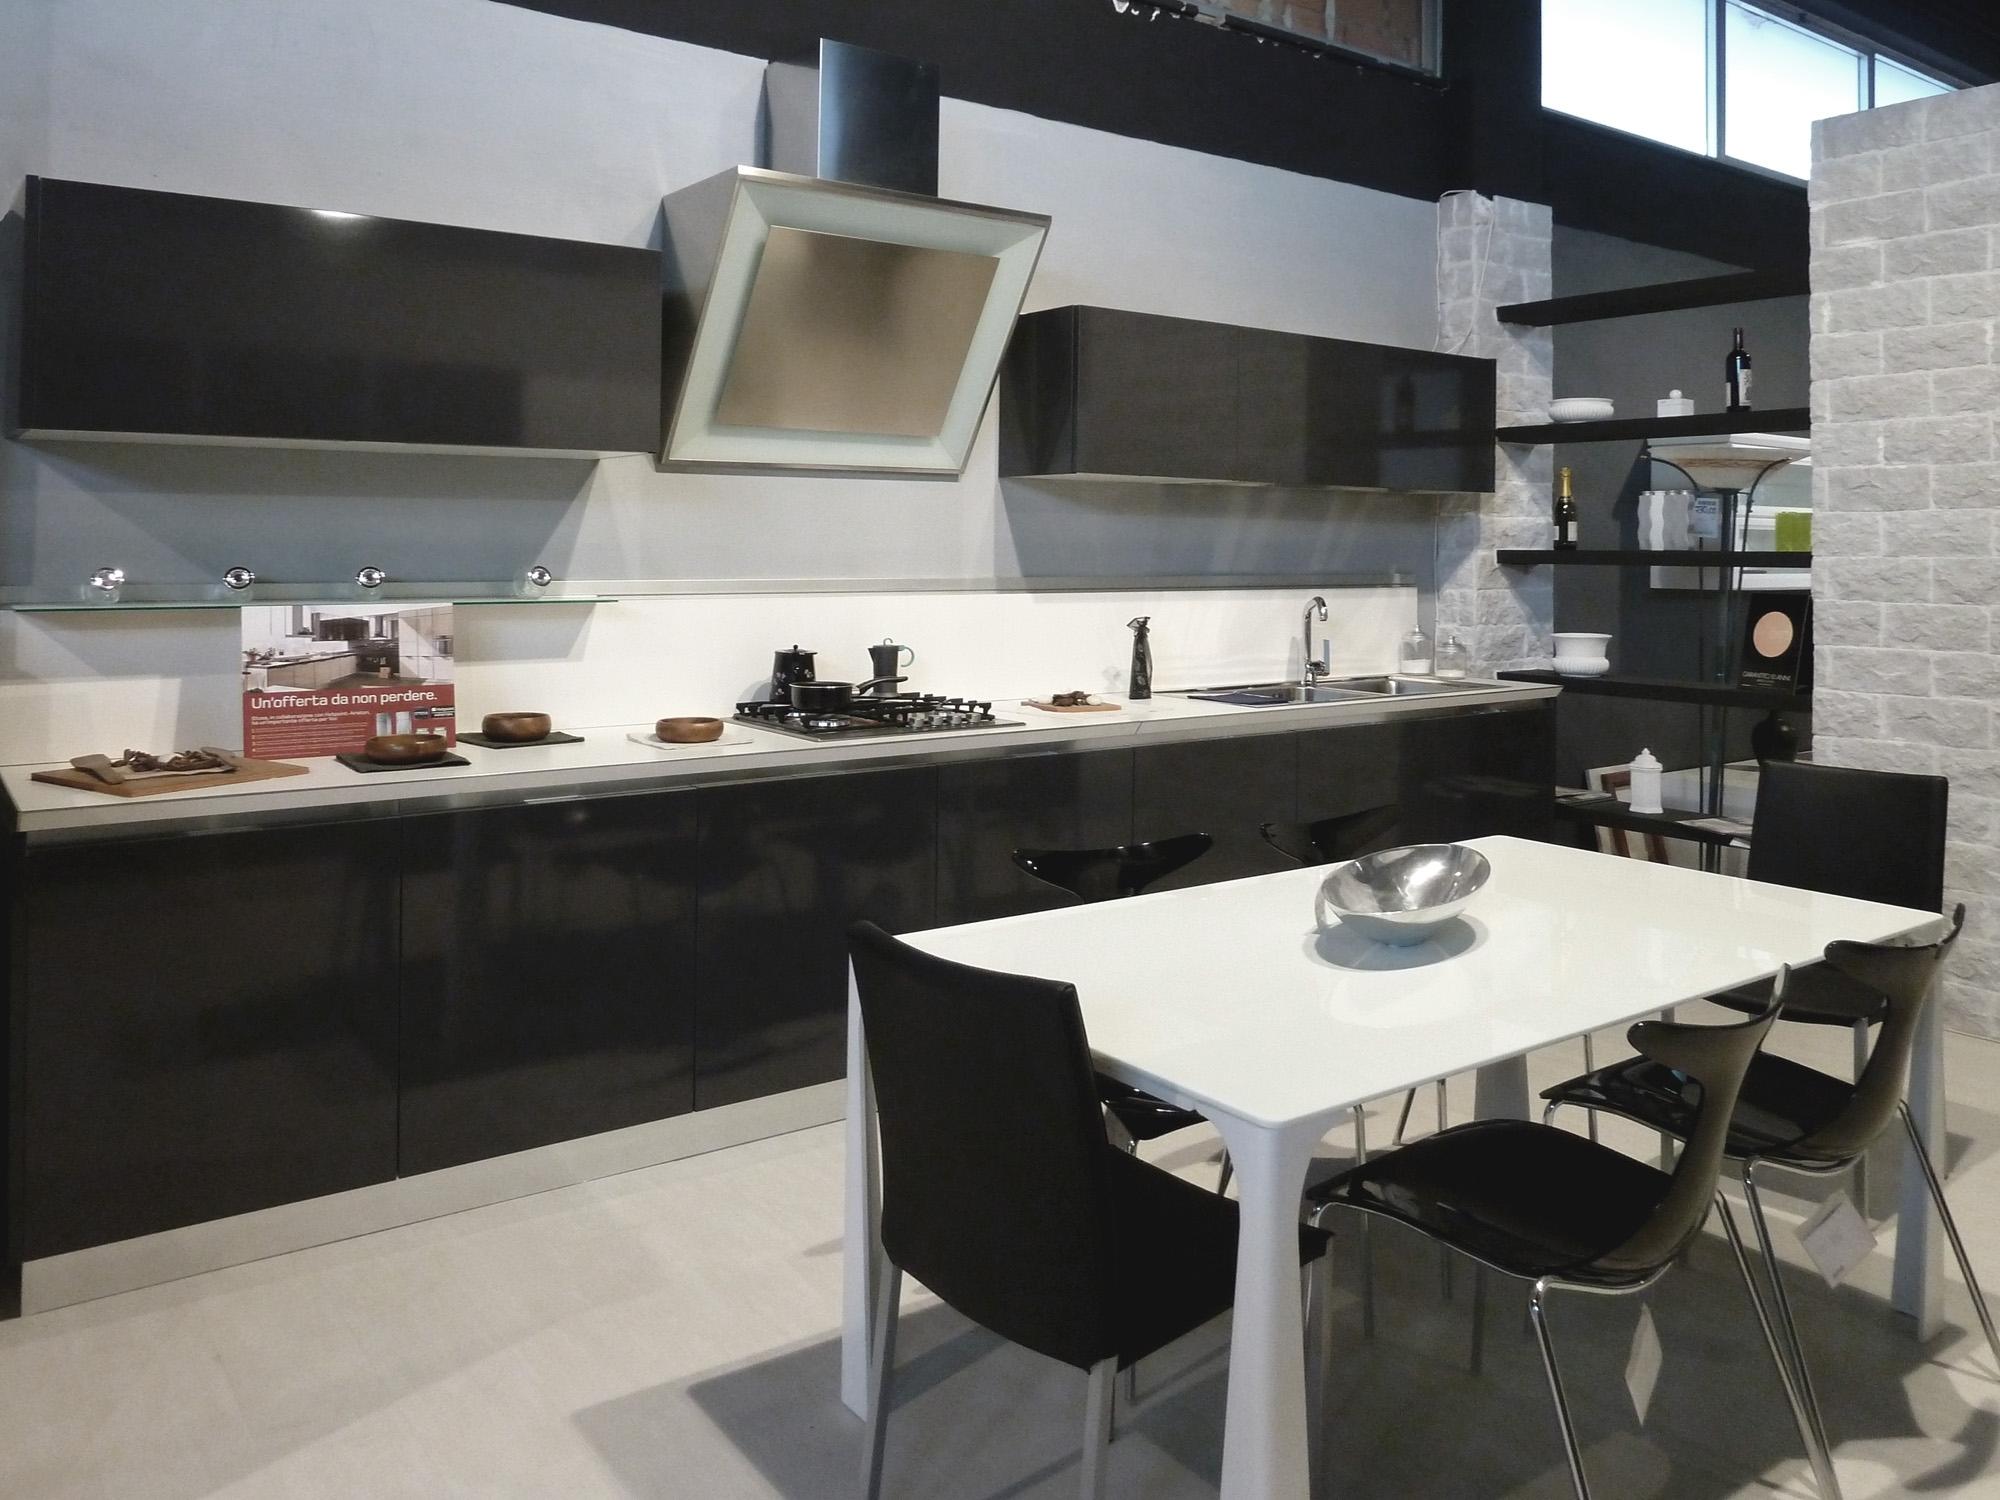 Laminato Lucido Grigio Graffite Con Gola Alluminio Top Laminato Bianco  #634F44 2000 1500 Top Cucina In Laminato Bianco